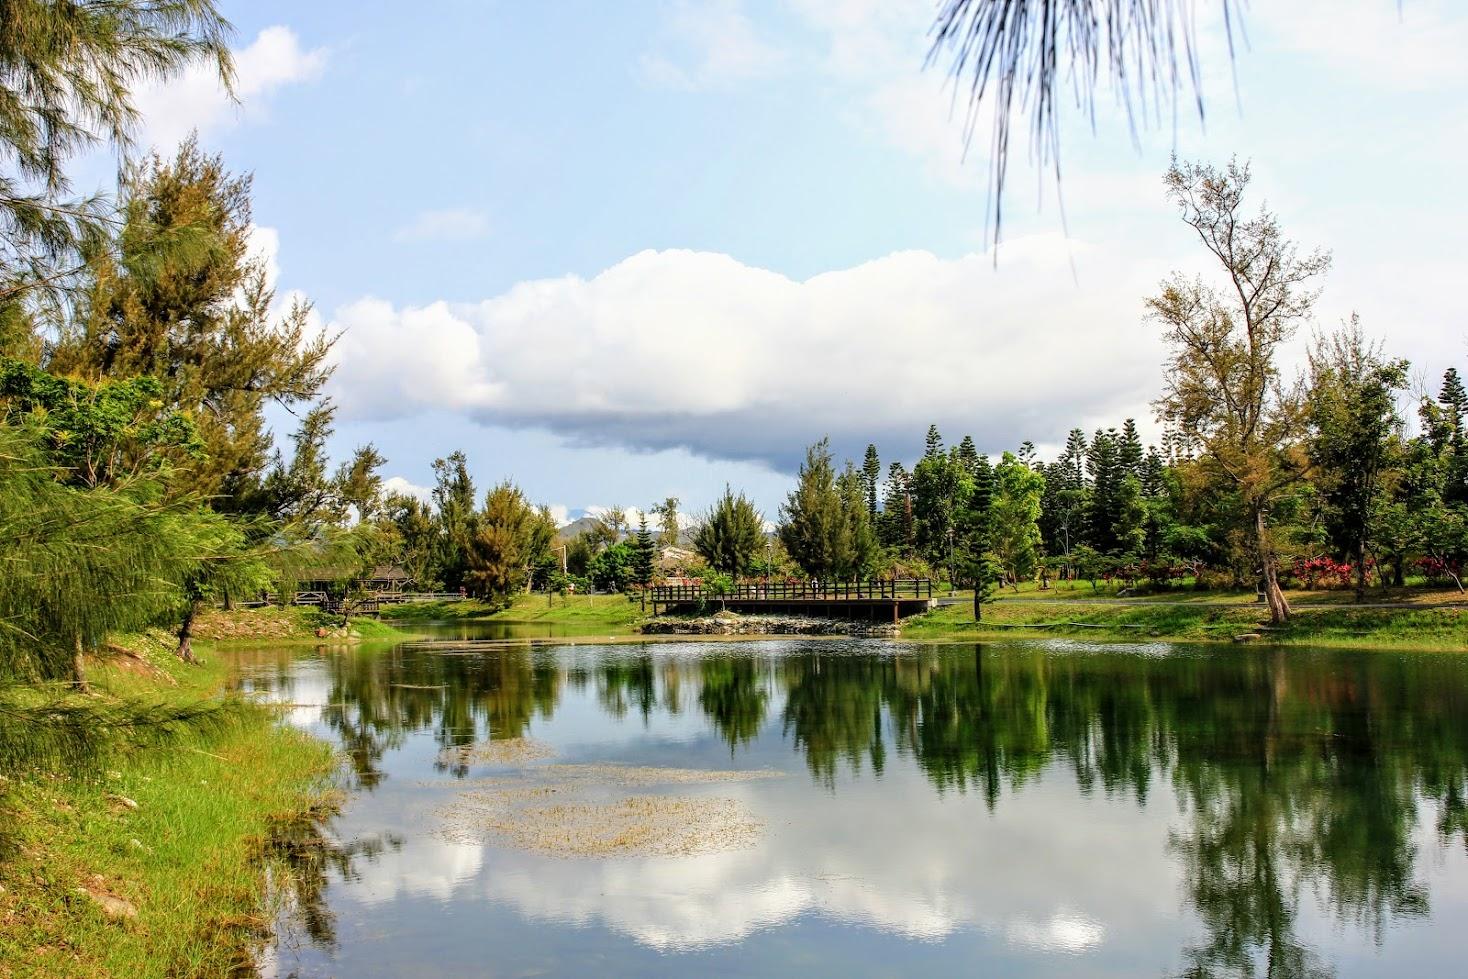 另外一側的琵琶湖